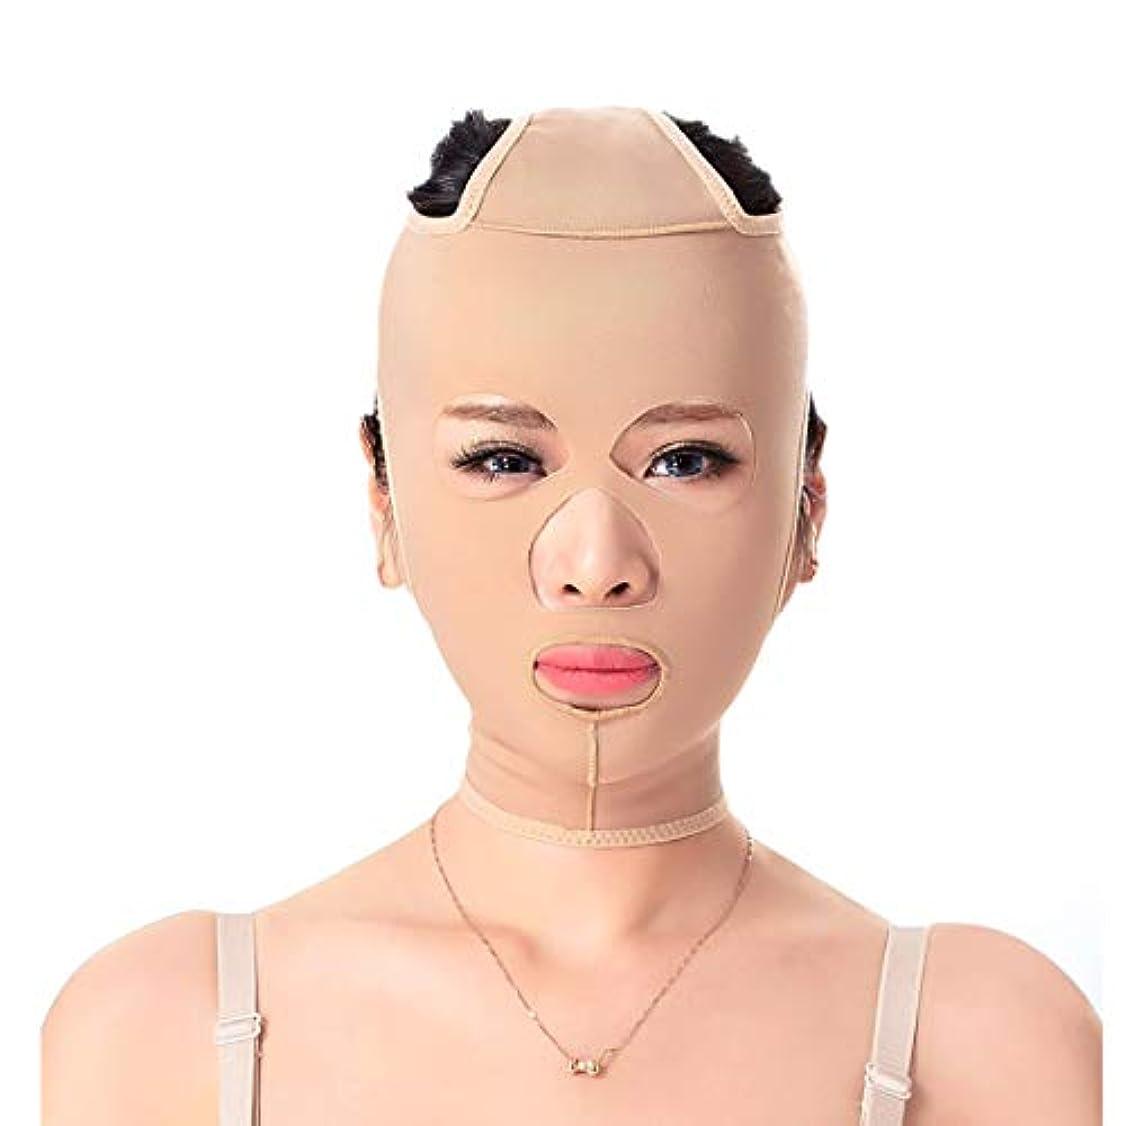 葉っぱ抵当チャンピオン痩身ベルト、フェイシャルマスク薄い顔面マスクを持ち上げる二重あご引き締め顔面プラスチックフェイスアーティファクト強力なフェイス包帯 (Size : M)